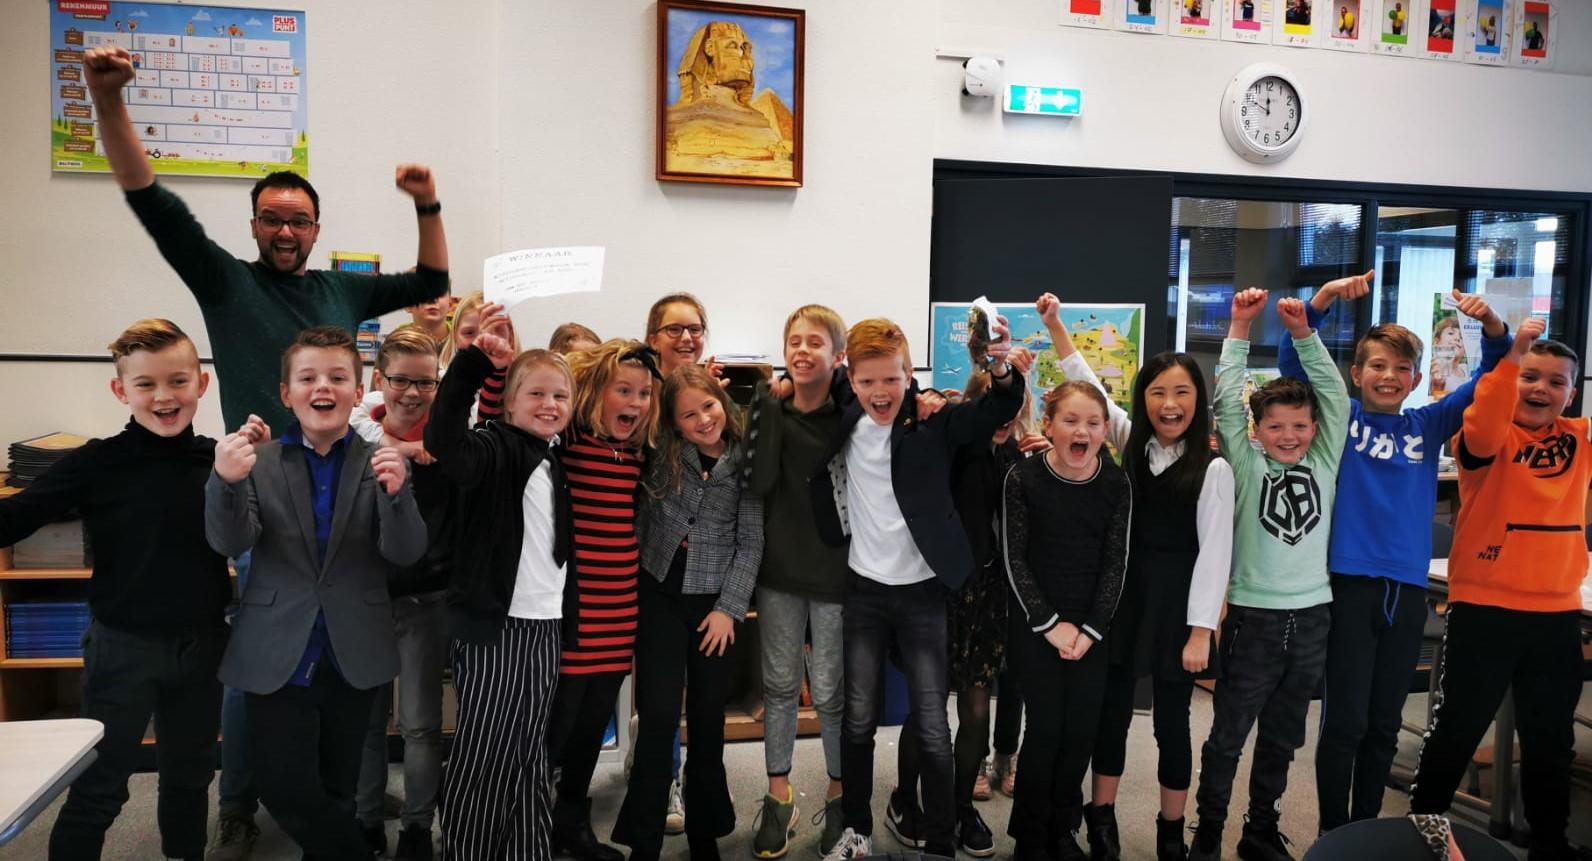 winnaars_kinderboekenweek_2020_De_Regelaardij.jpg